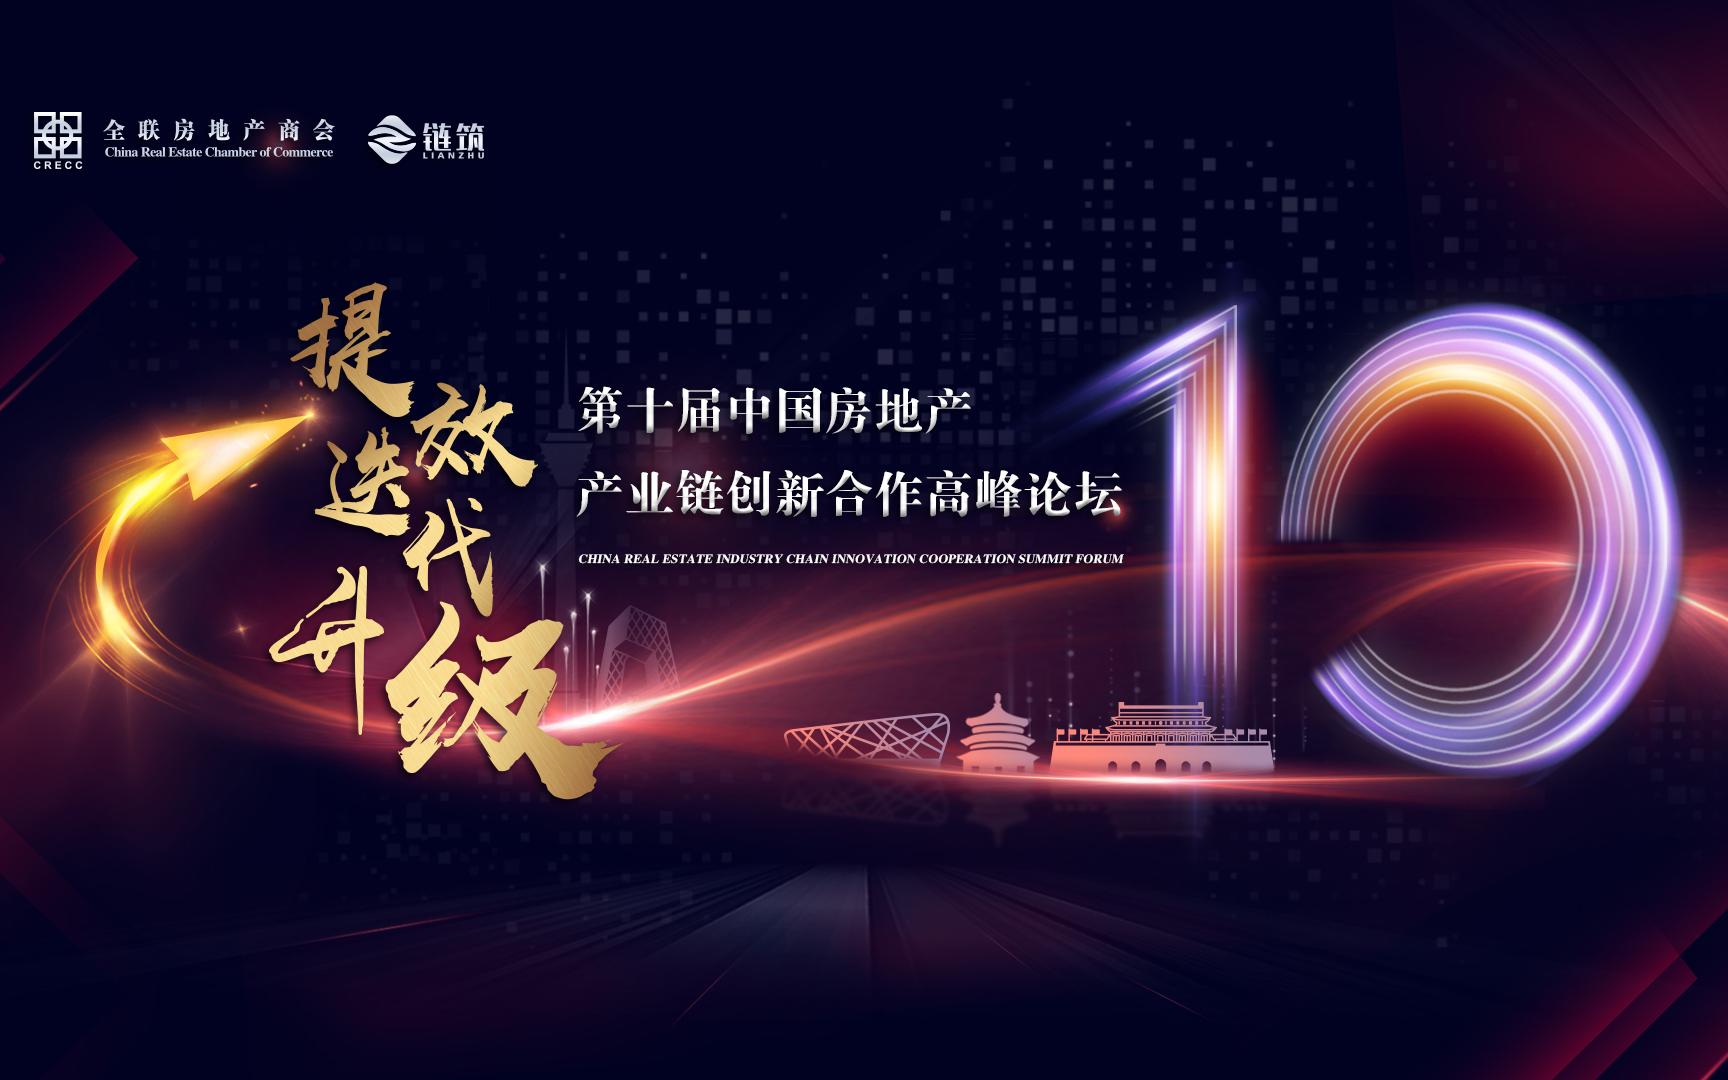 第十届中国房地产产业链创新合作高峰论坛(华北站)